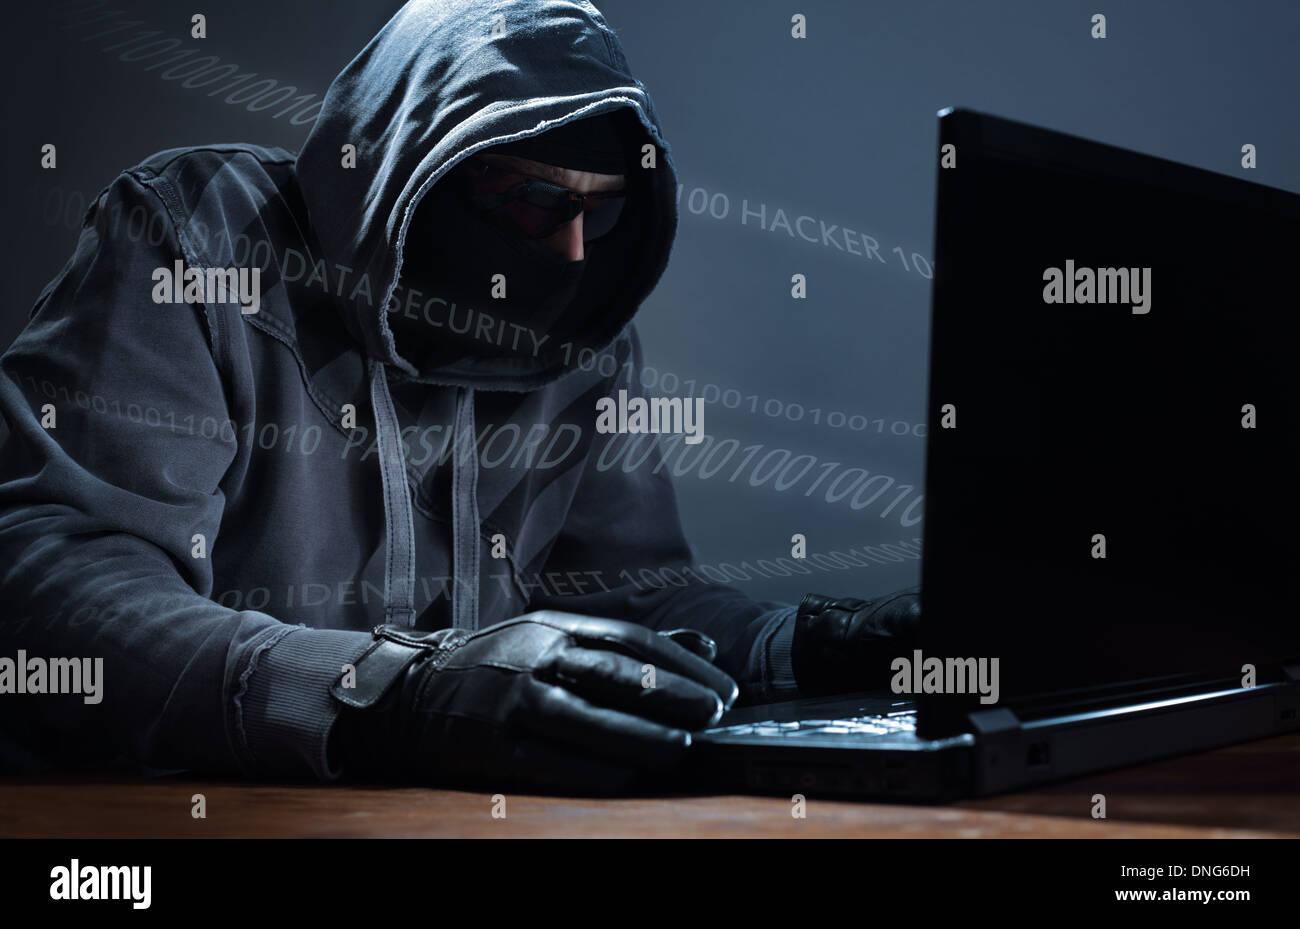 Il pirata informatico di rubare i dati da un computer portatile Immagini Stock